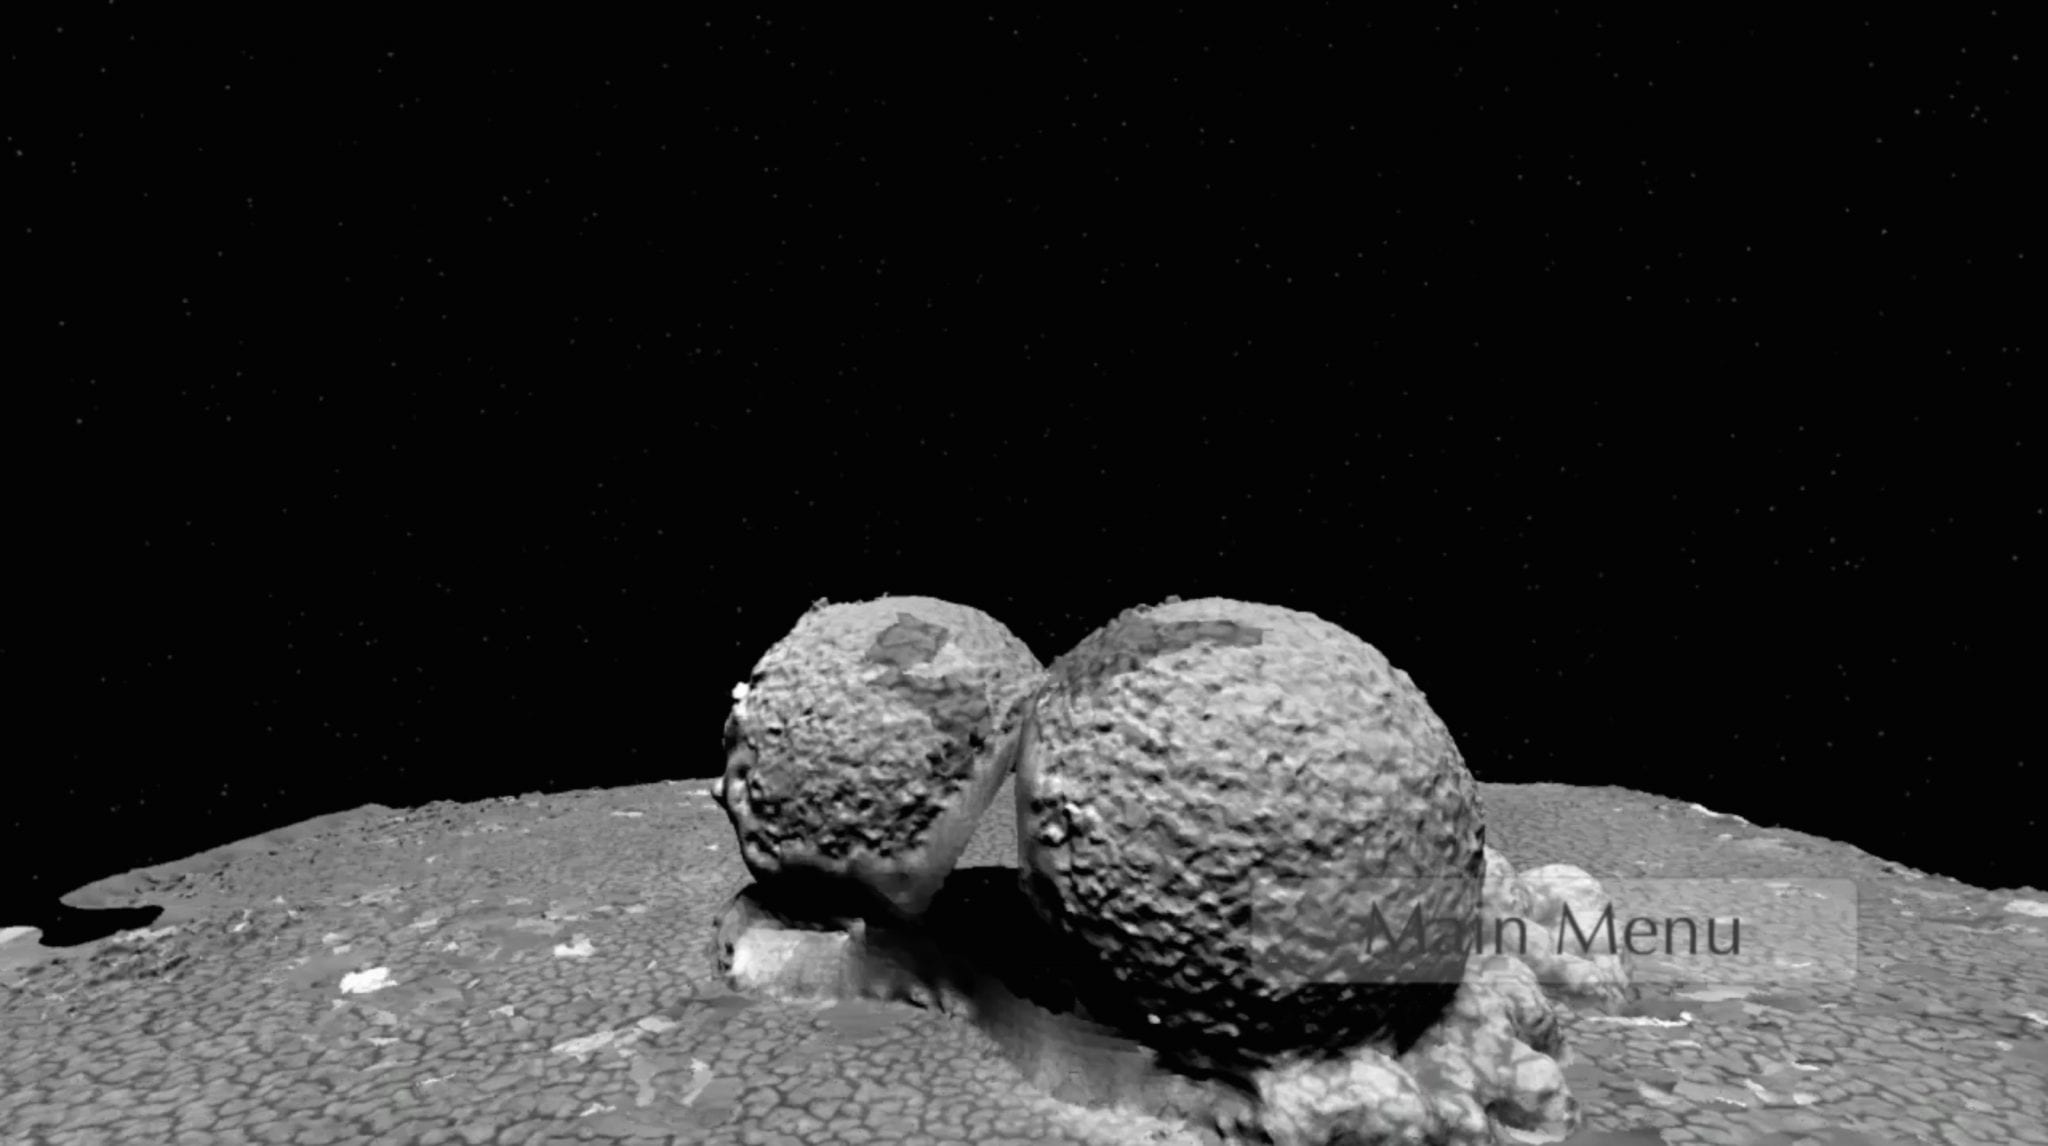 'Nanoscape' might be the first transfer of nanoscale microscopy into VR.